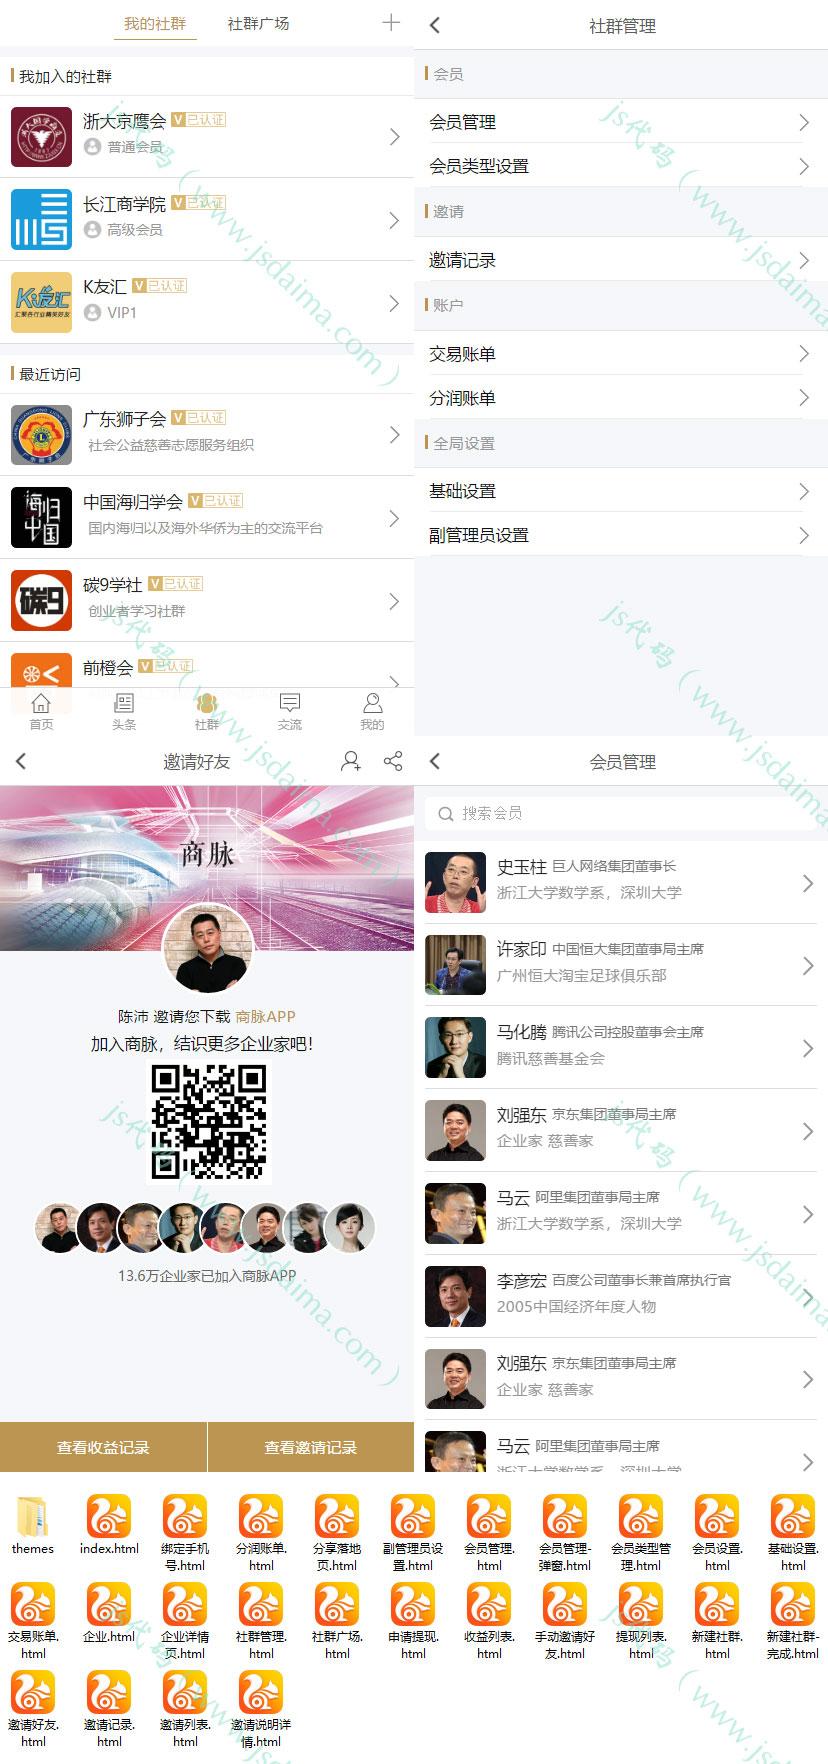 社交朋友圈App人脉圈子HTML5手机网页模板